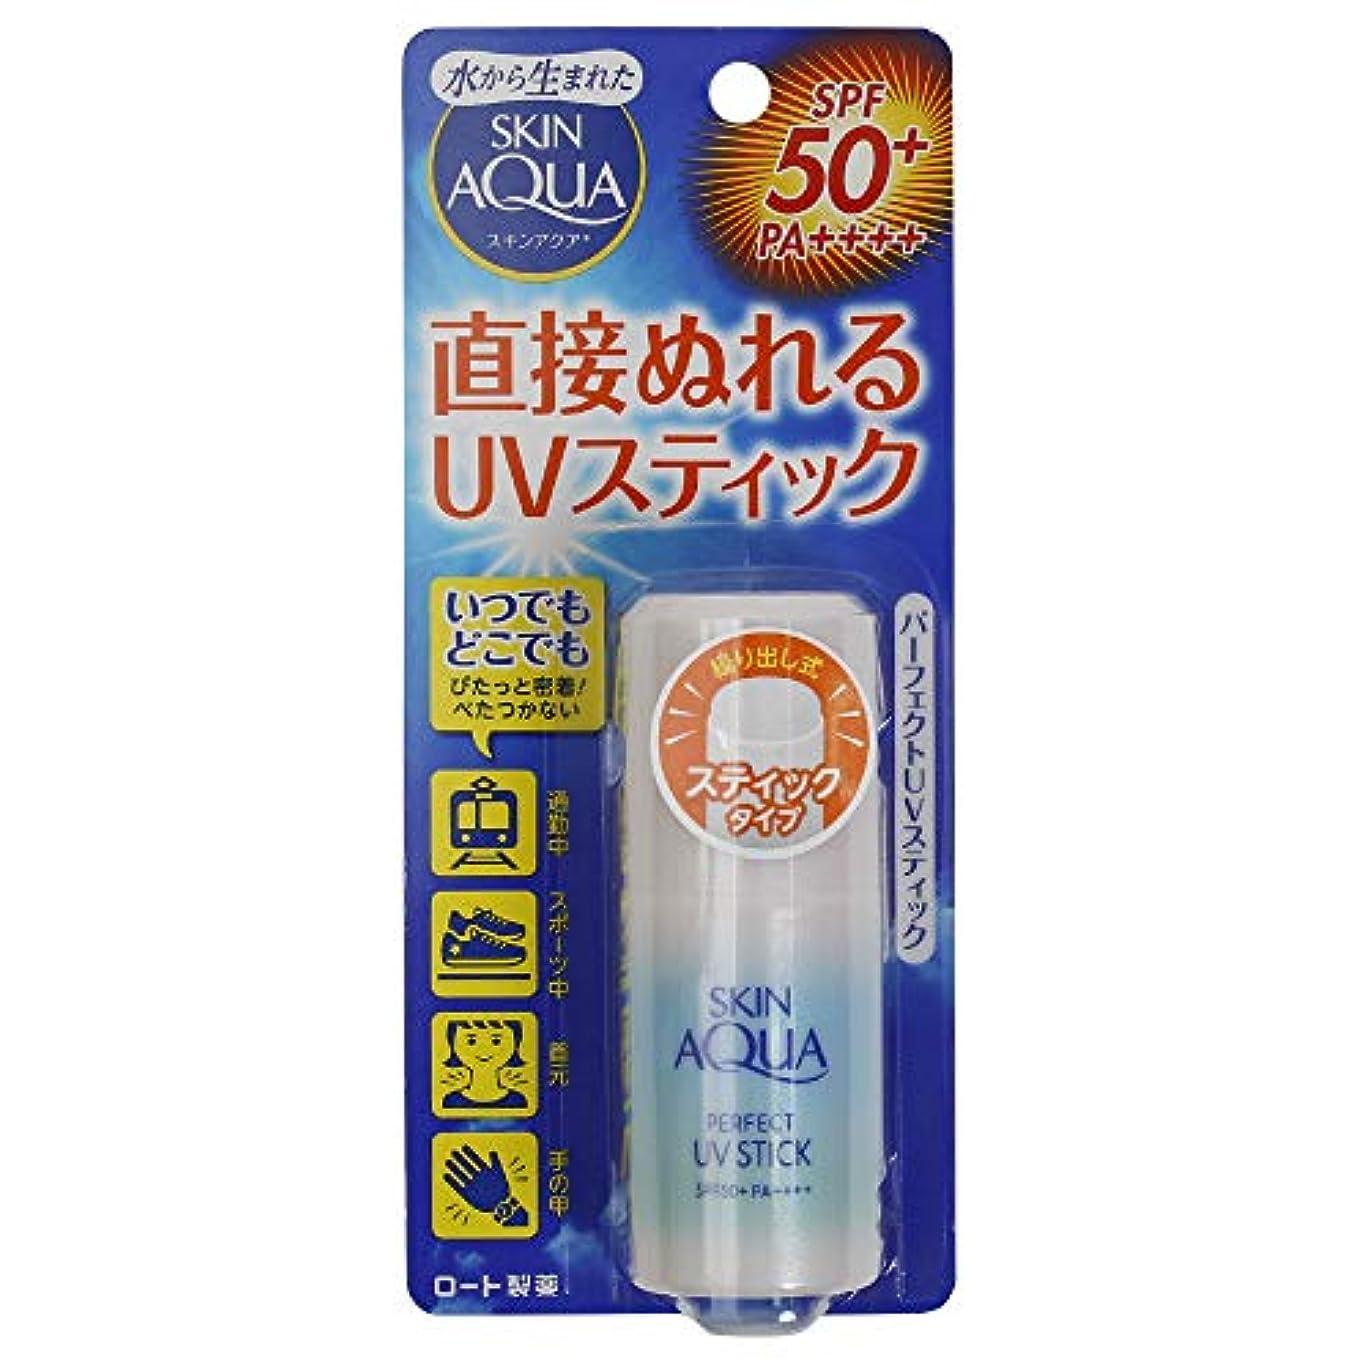 好戦的なウェイトレス目的(ロート製薬)スキンアクア パーフェクトUVスティック 10g(お買い得3個セット)